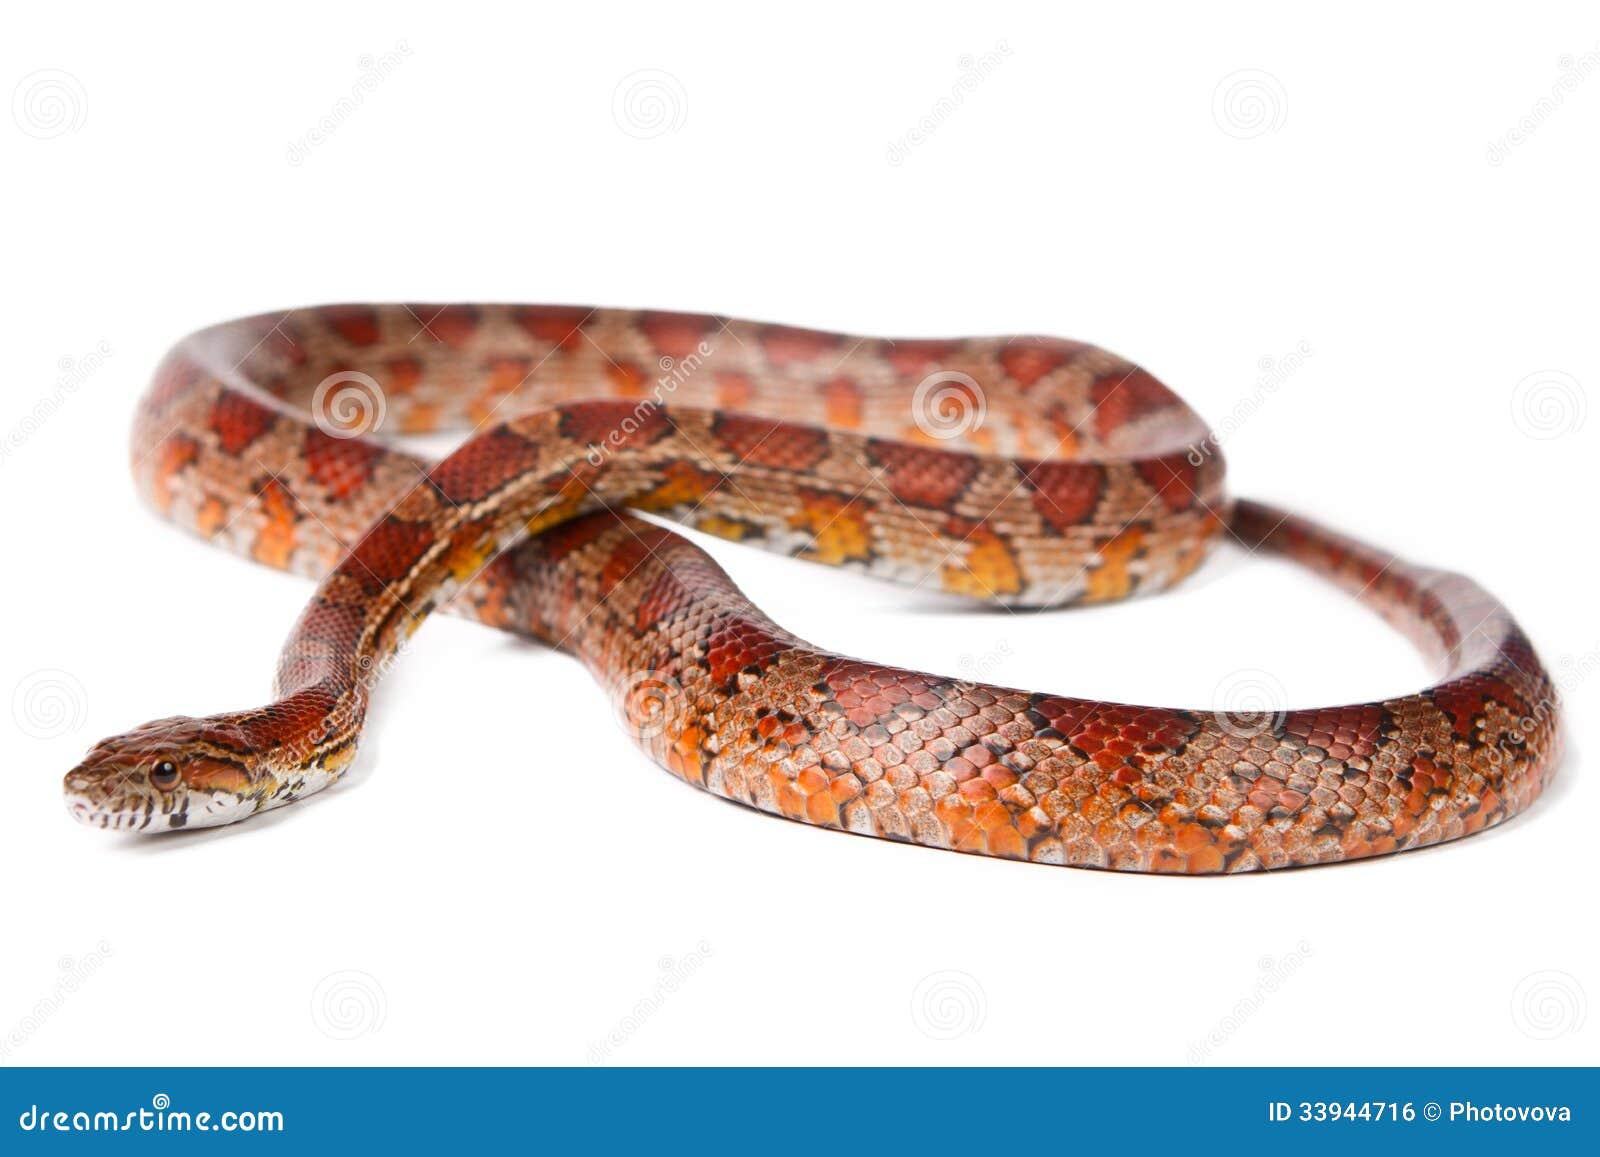 Serpent sur un fond blanc  photo stock  Image du animal